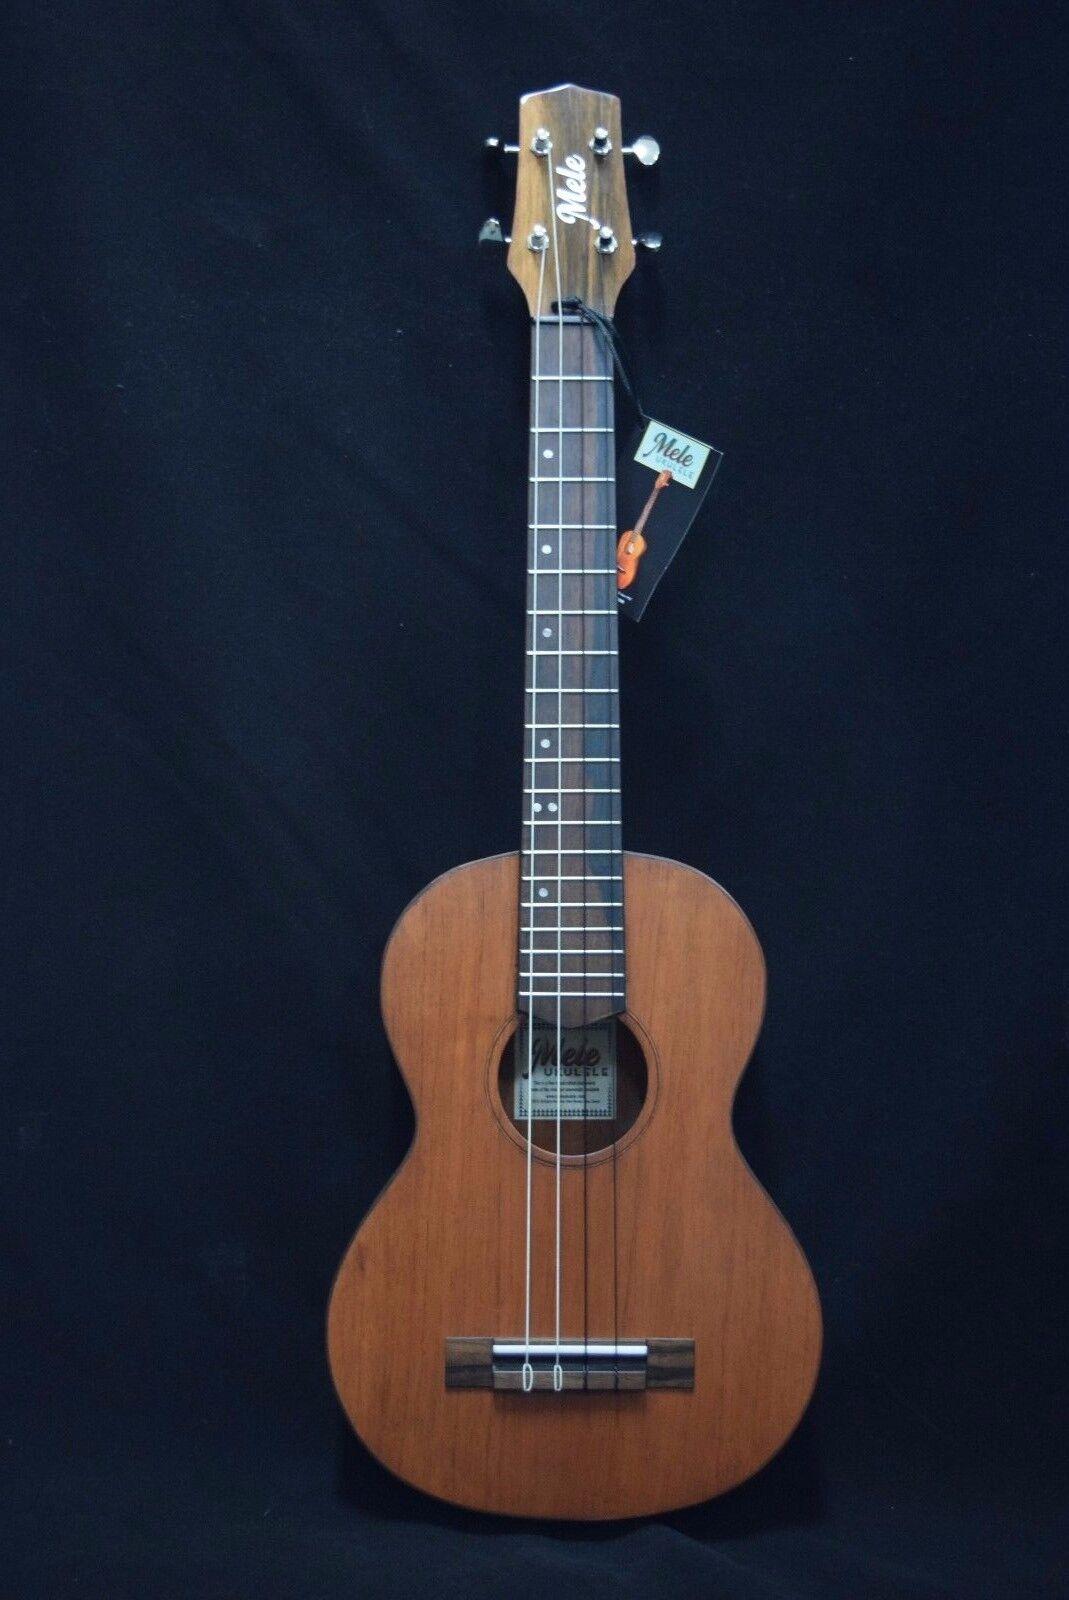 Mele Ukulele Handmade Mahogany Baritone 4 String